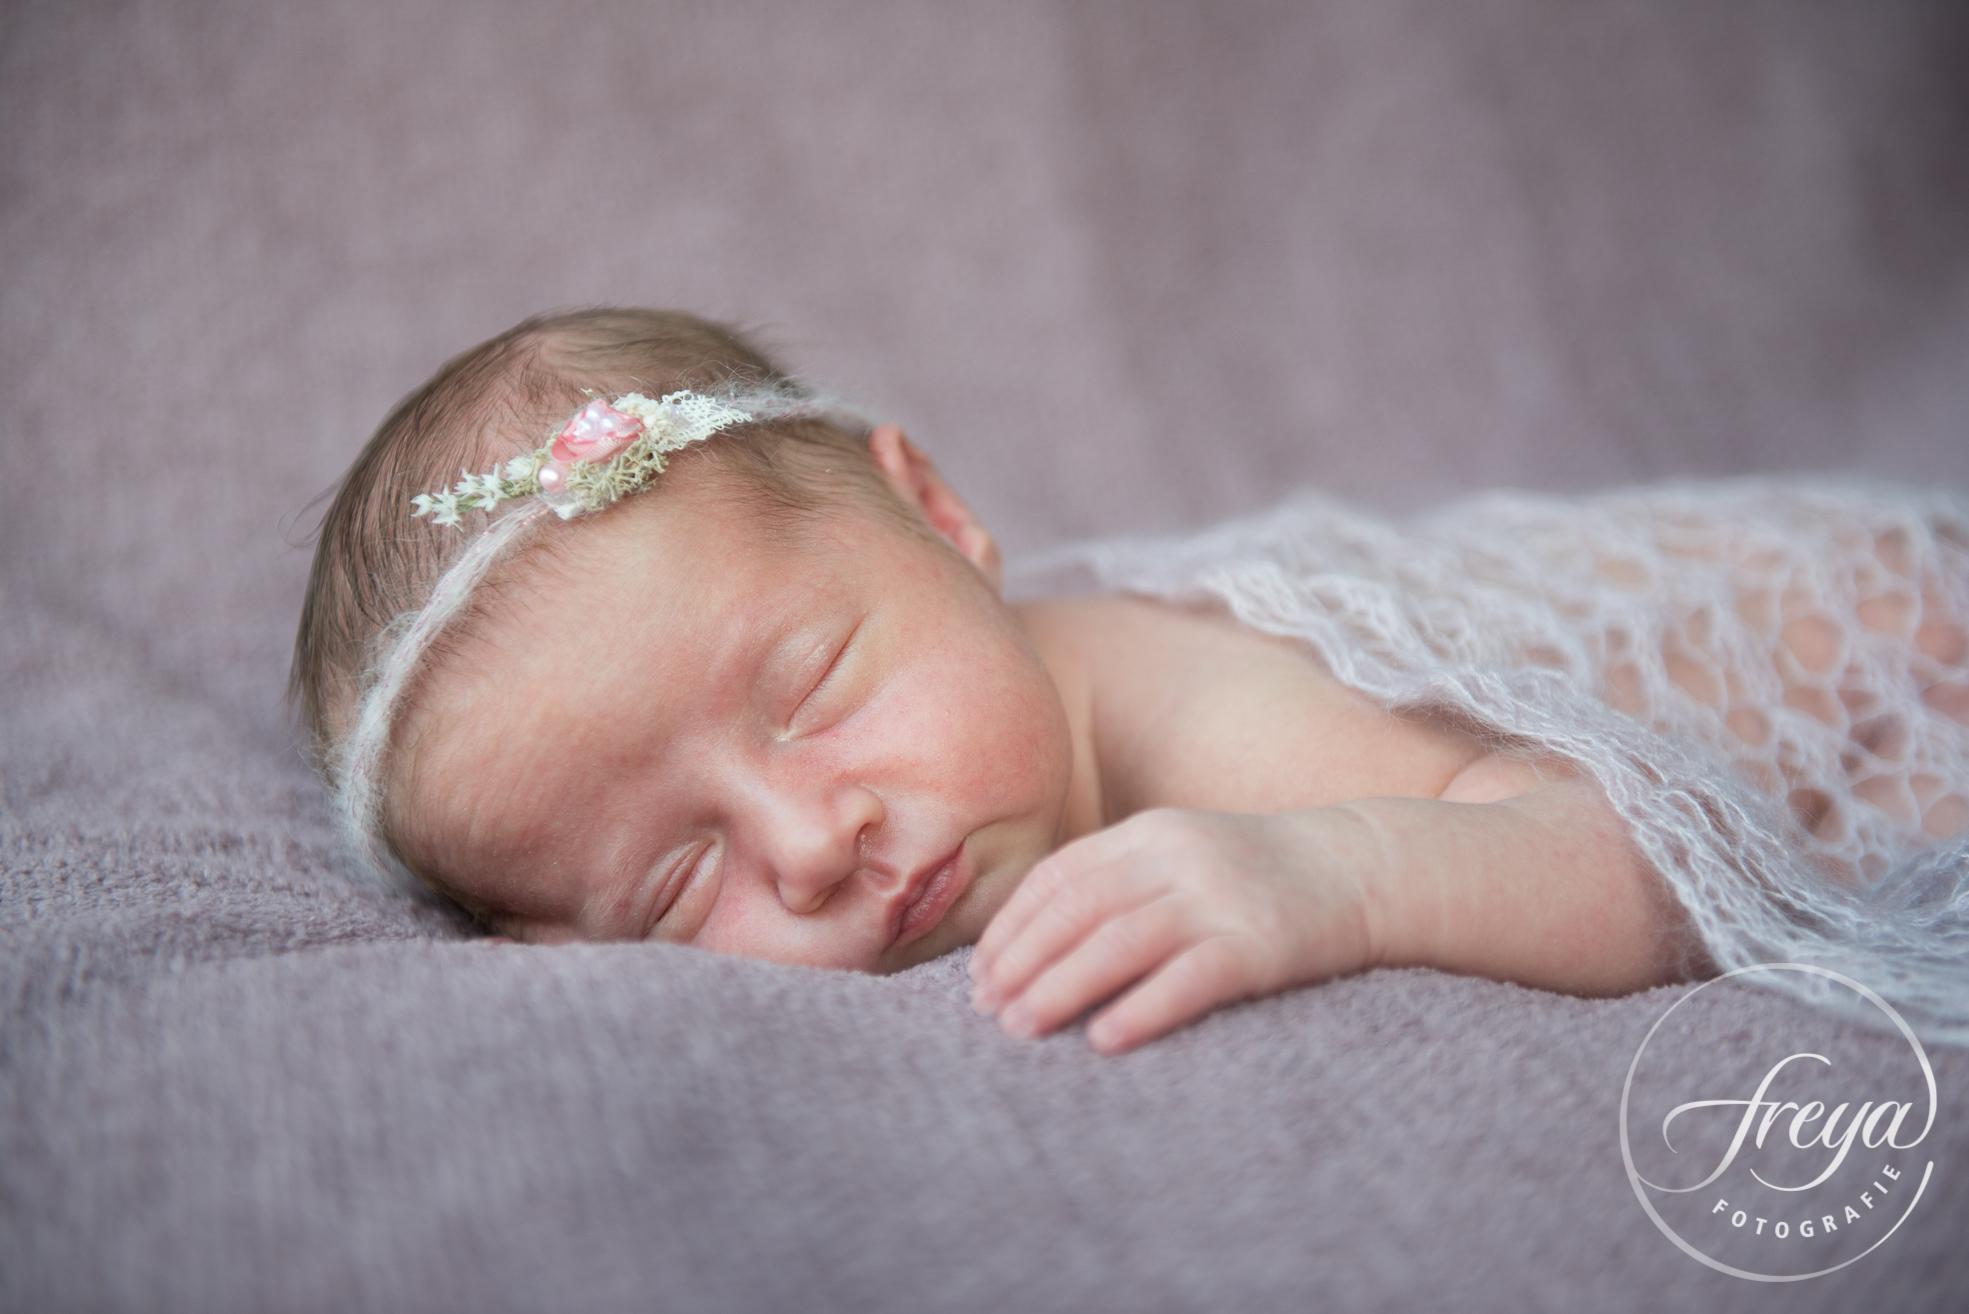 Newborn baby Jayda - Trouwfotografie Freya - 006